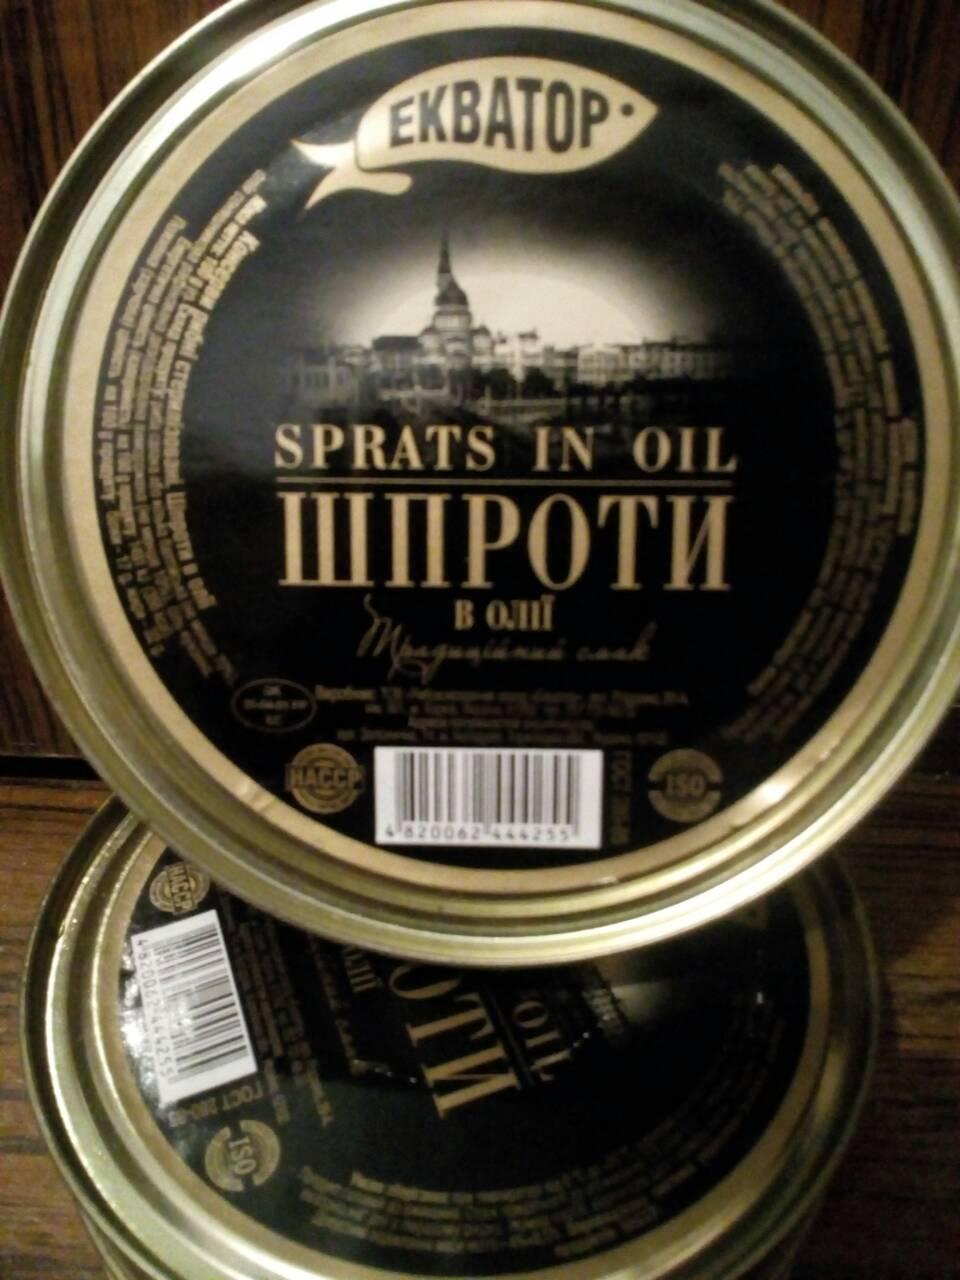 ТМ ЕКВАТОР Шпроты в масле 100 грамм